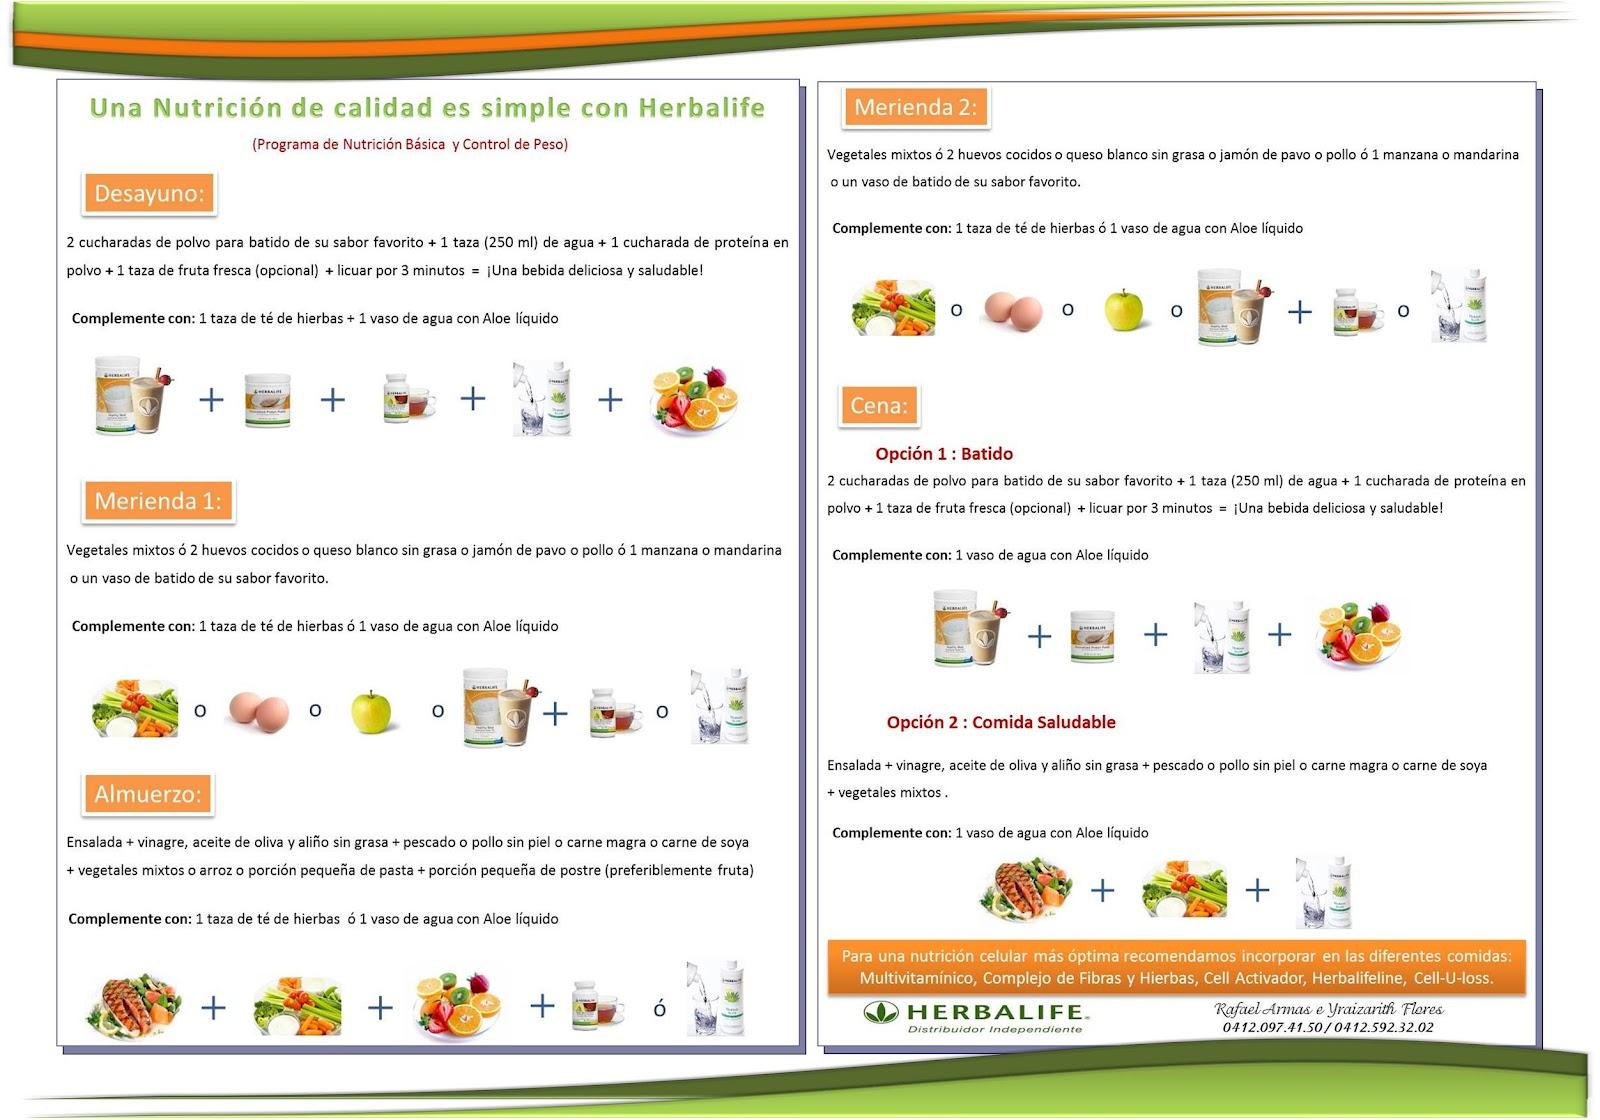 Equipo Herbal Herbalife Distribuidor Independiente: Dieta